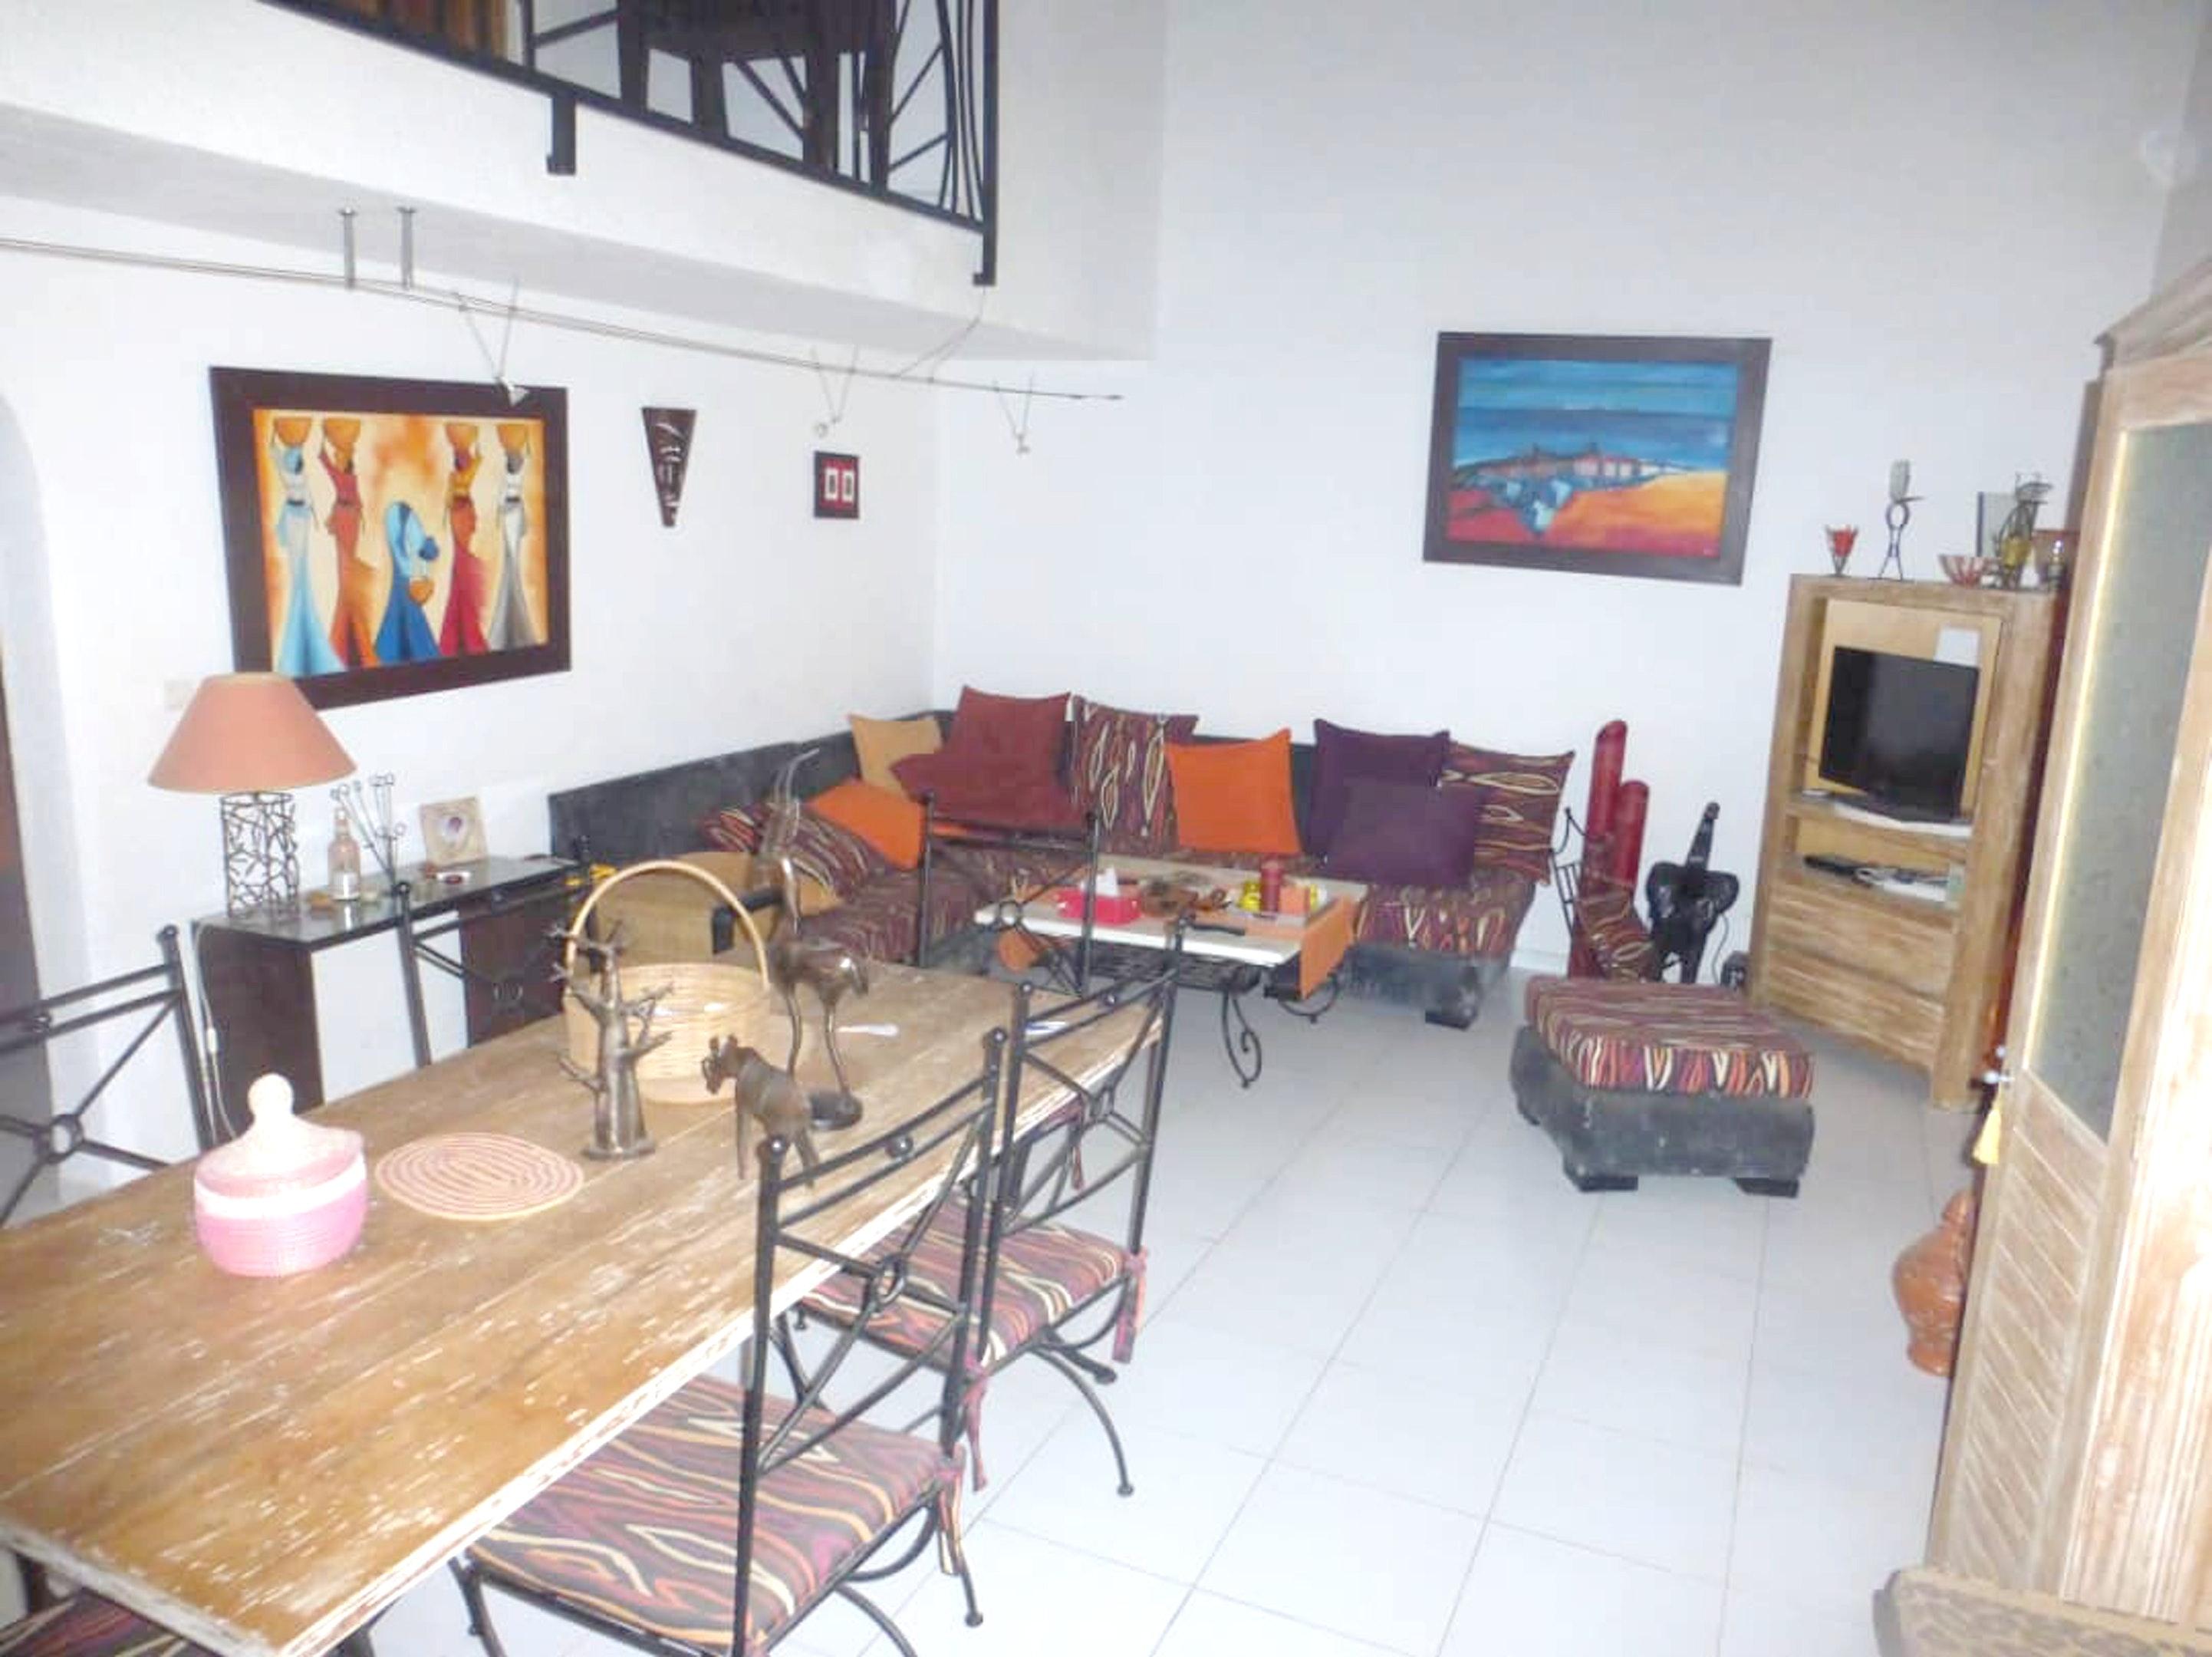 Haus mit 3 Schlafzimmern in Nianing mit Pool, eing Ferienhaus im Senegal